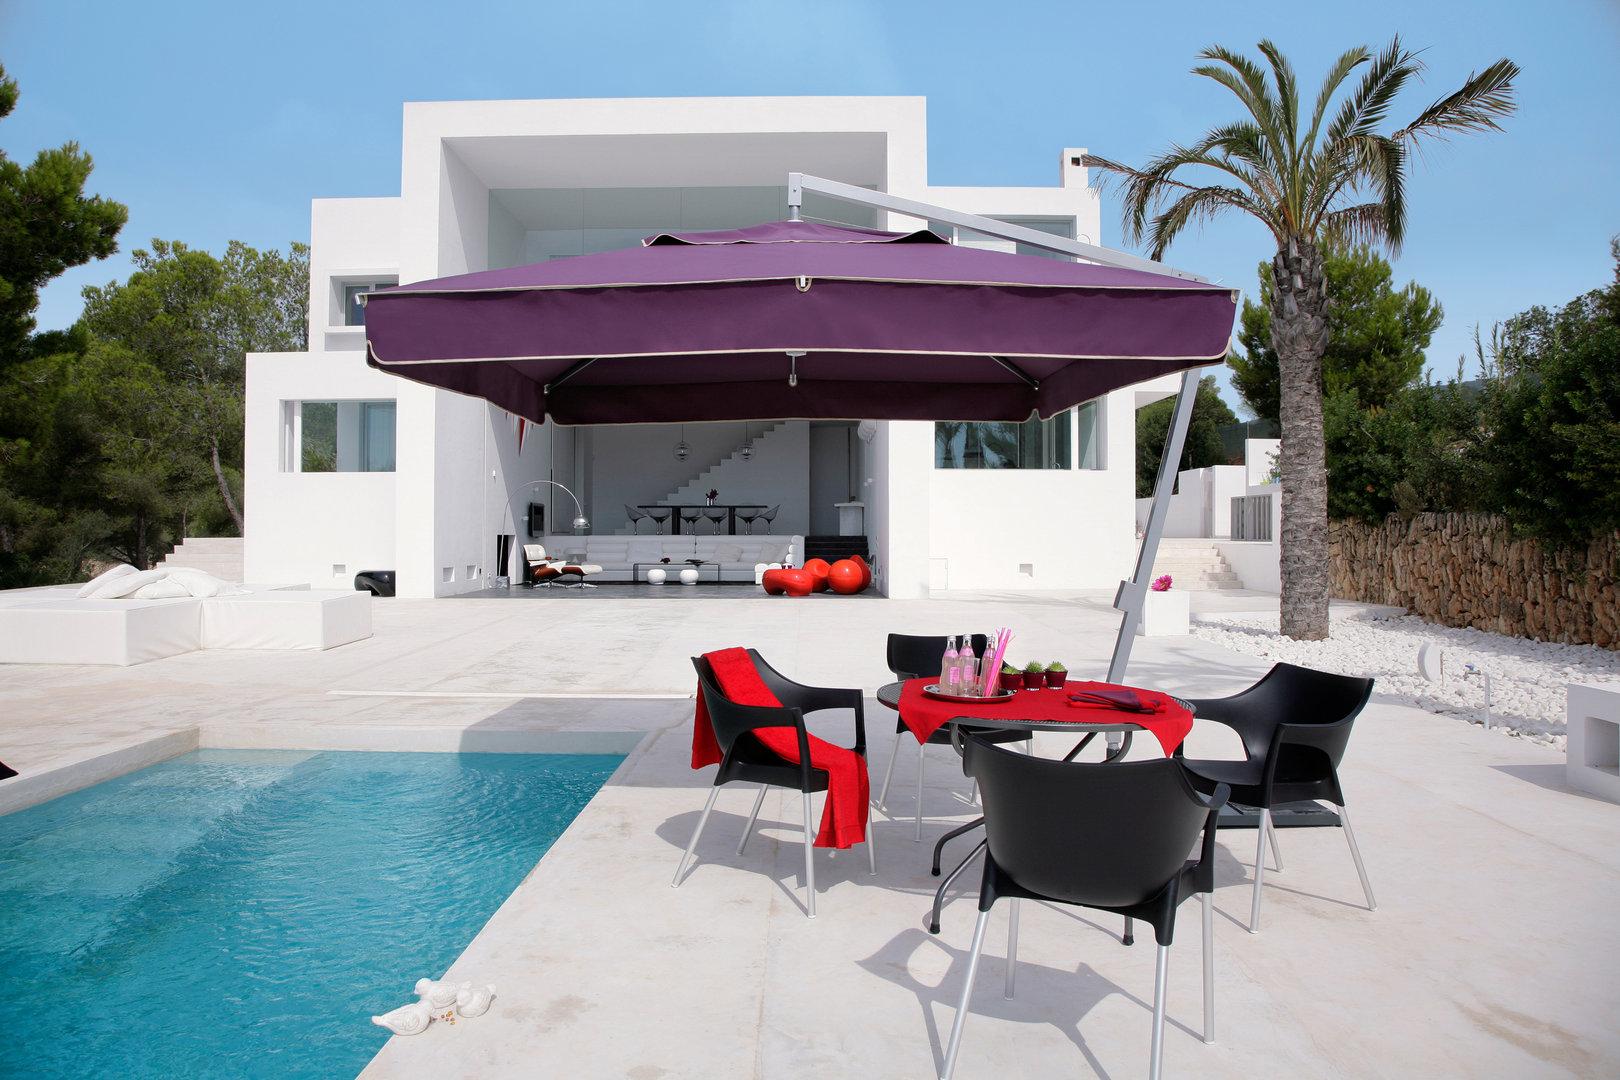 Sombrilla amalfi de m stil lateral con manivela todo en - Sombrillas para piscinas ...